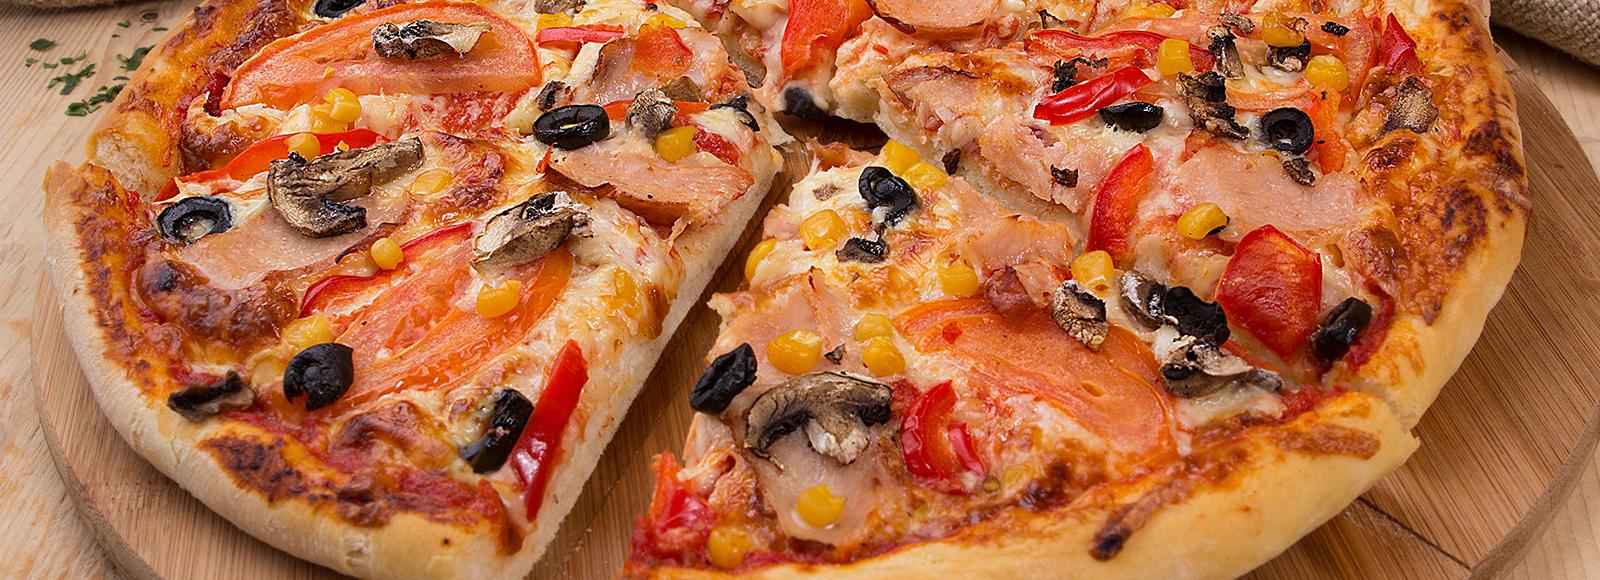 Pizza Nareno Pizza Nareno Willington Takeaway Order Online